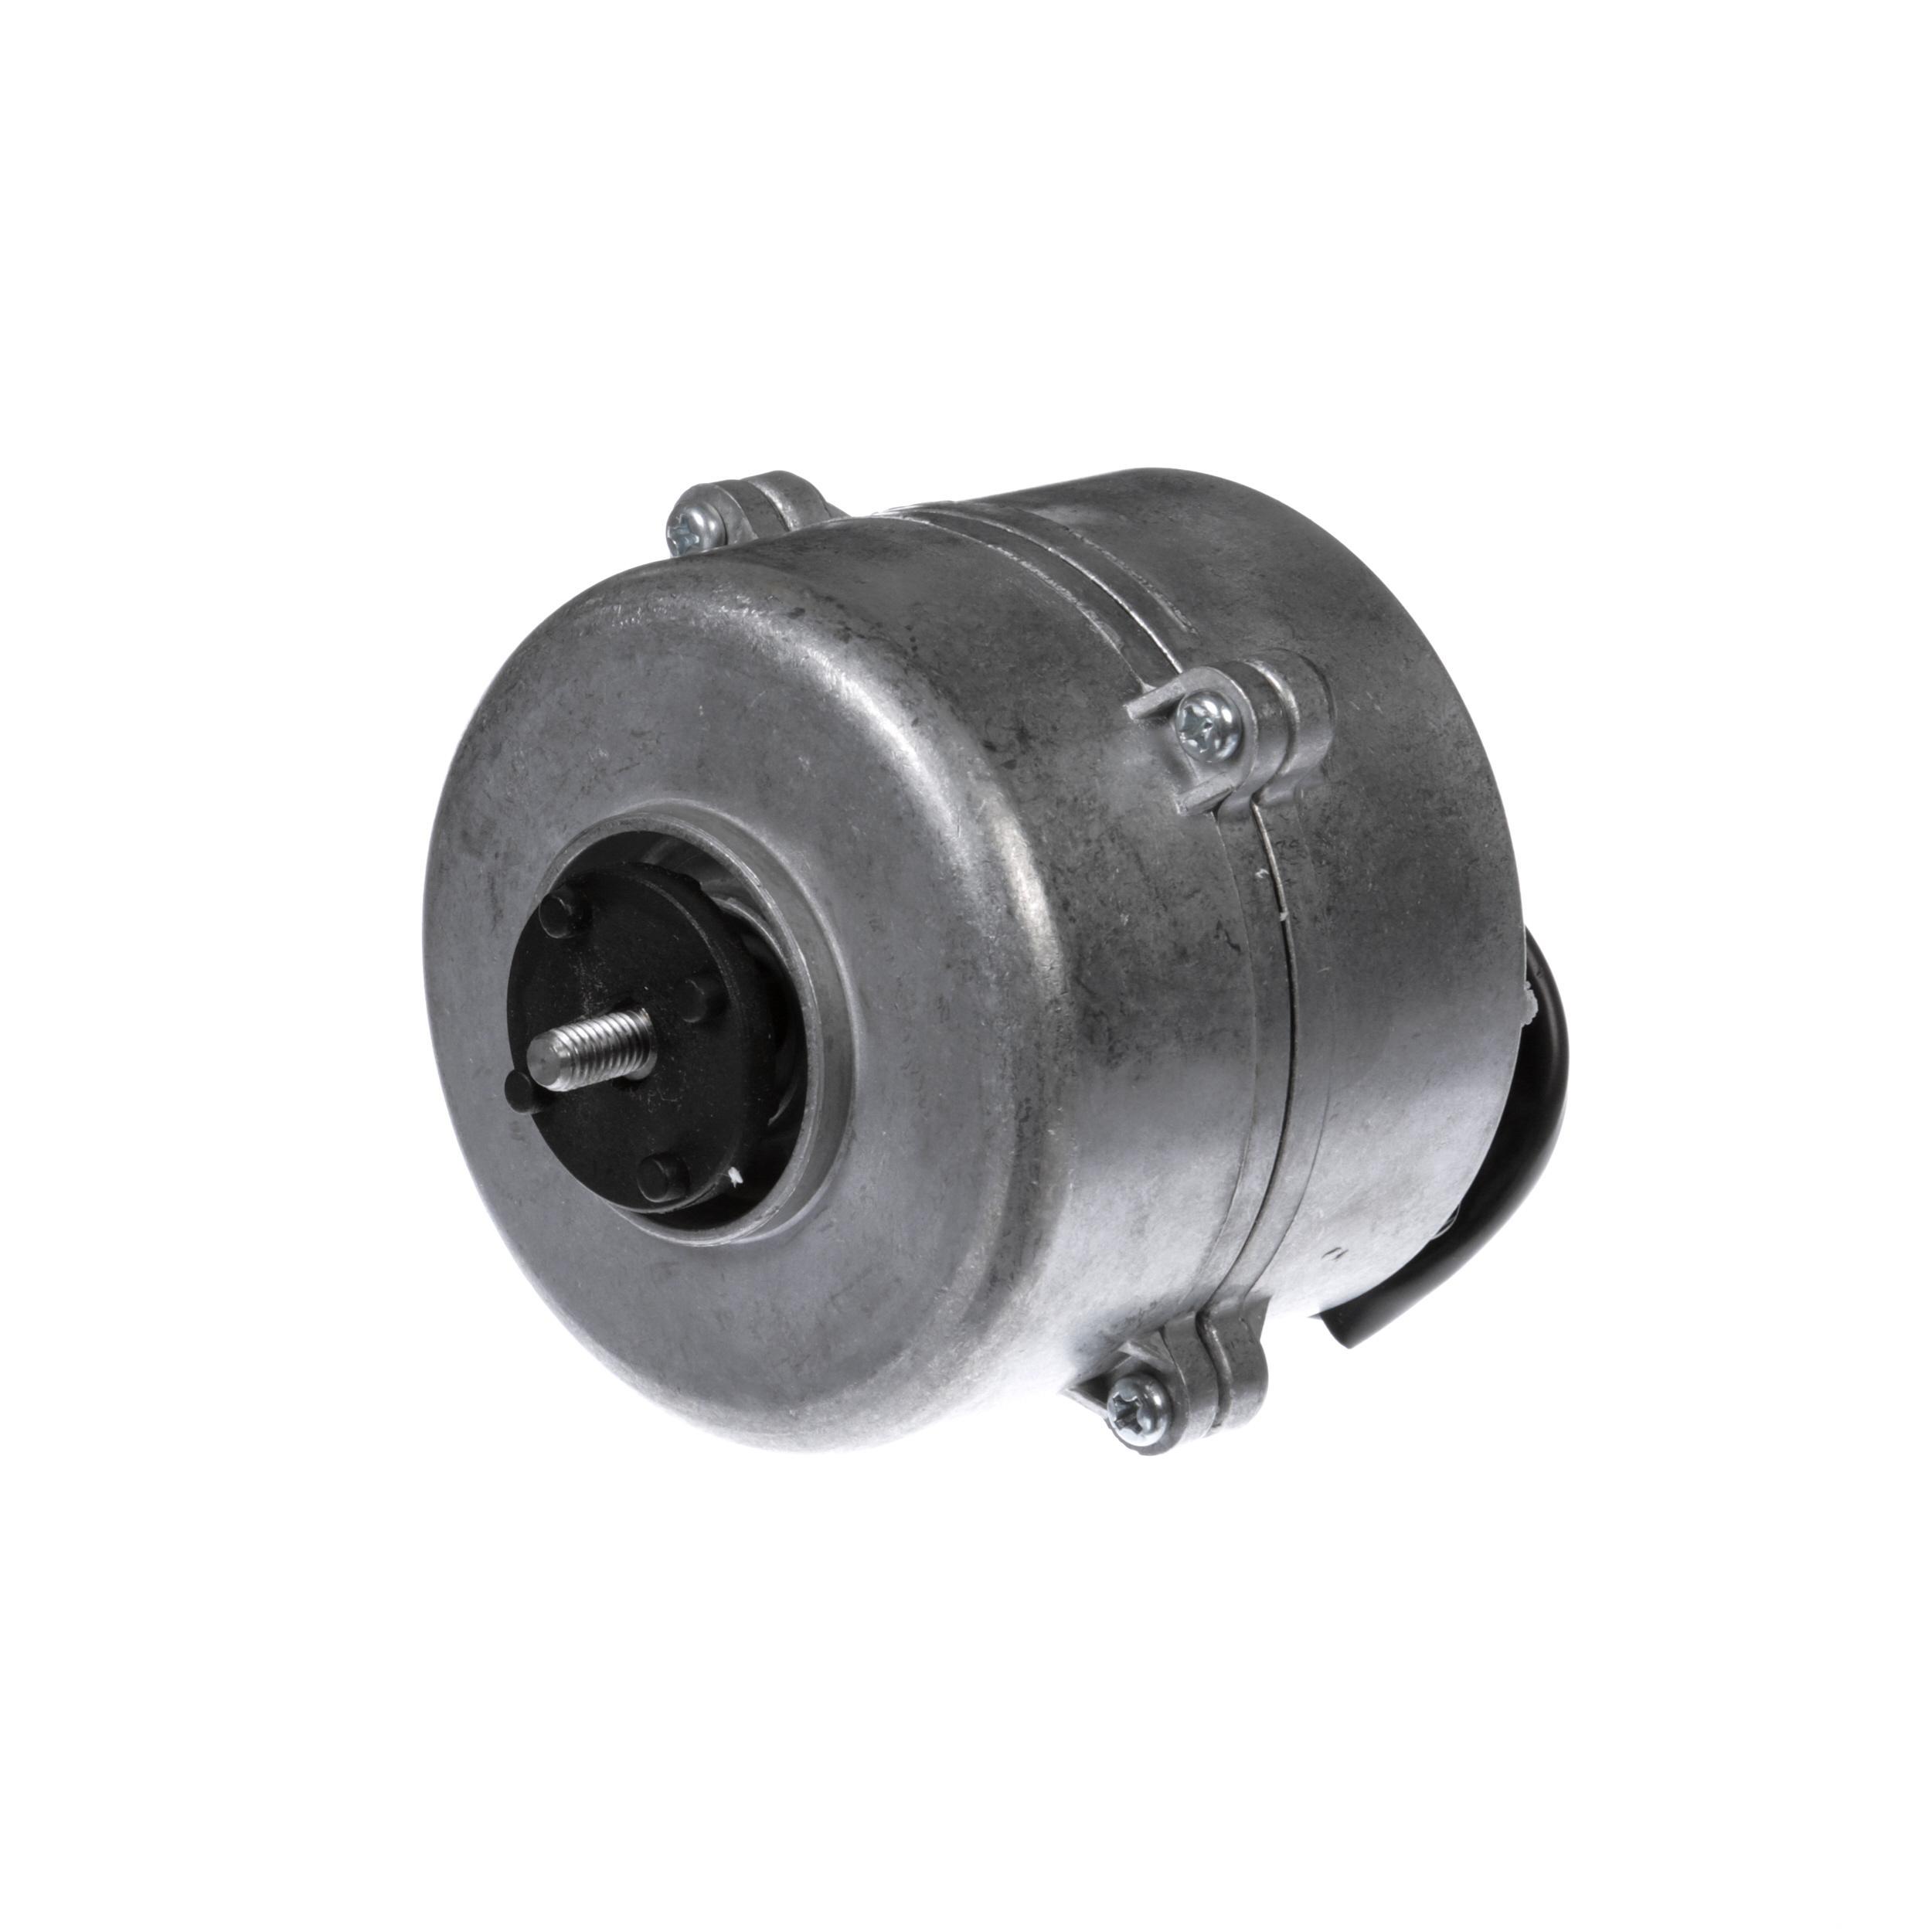 Turbo Air Fan Motor Part Fmse 046